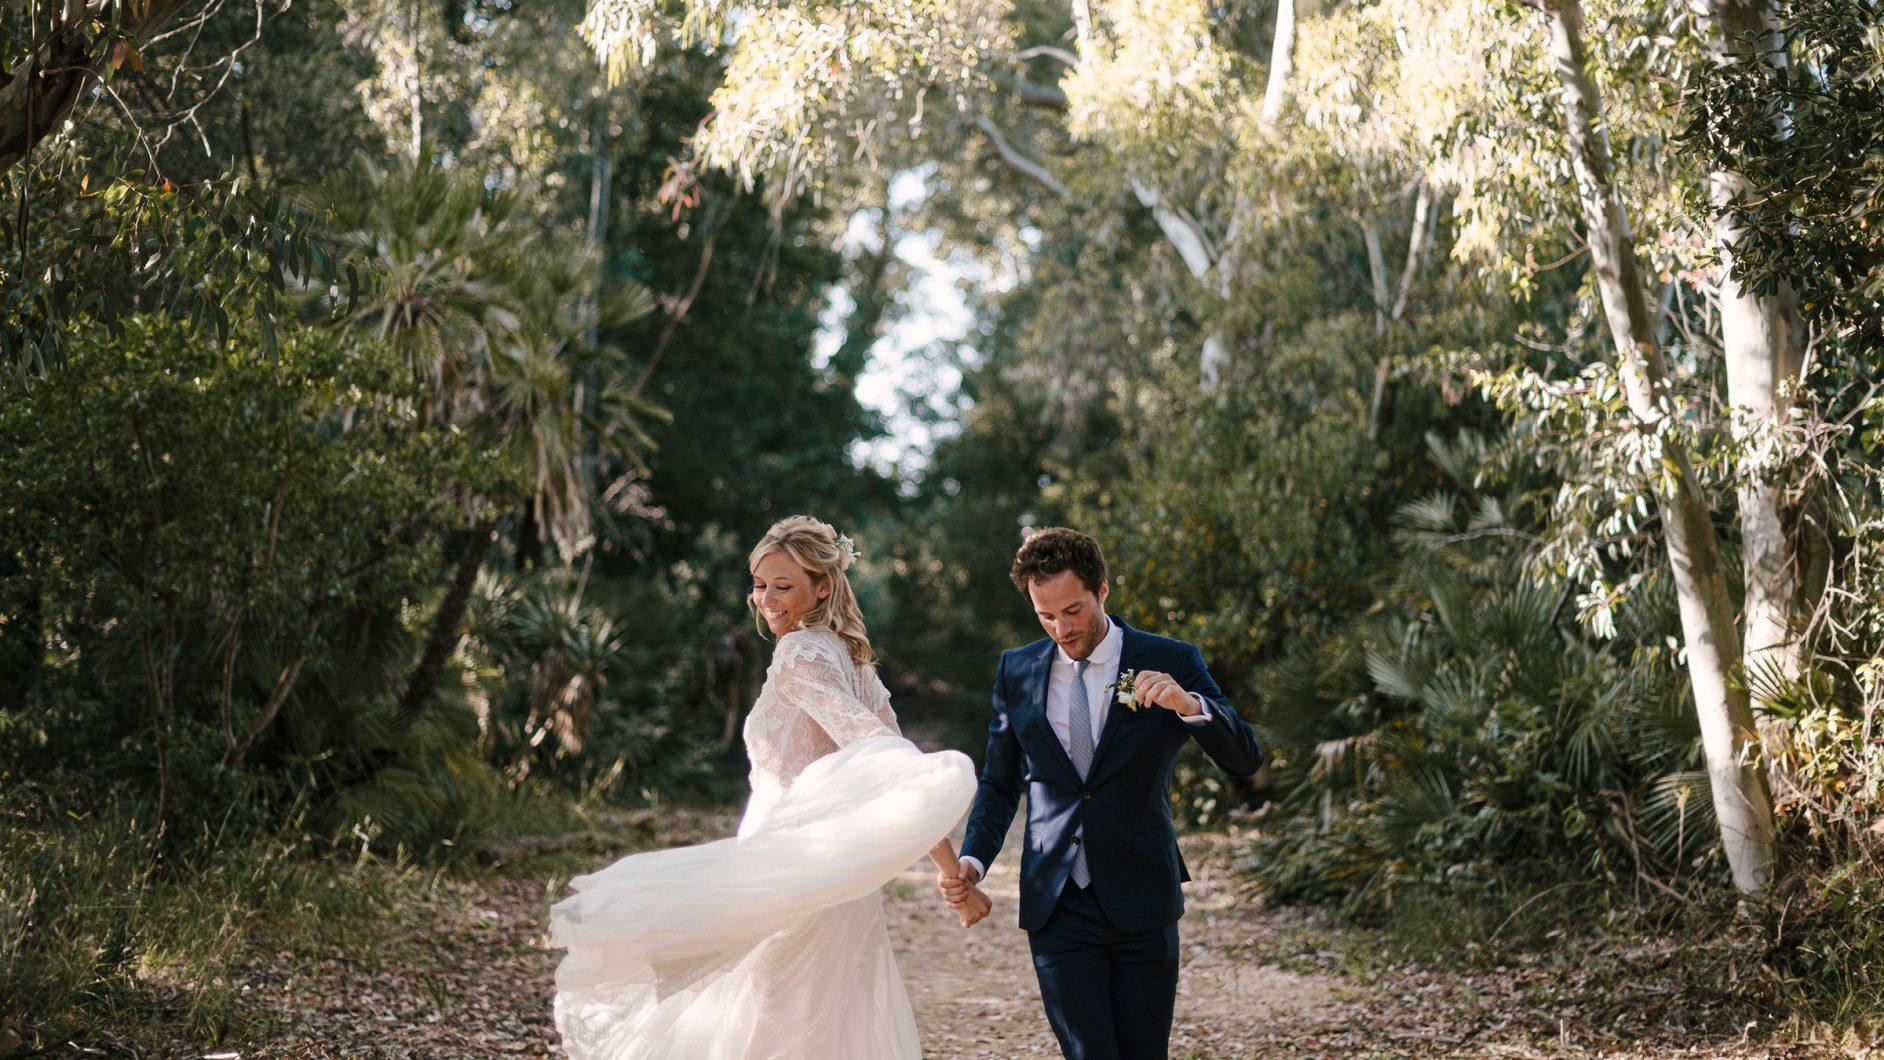 photographe-mariage-grenoble-4